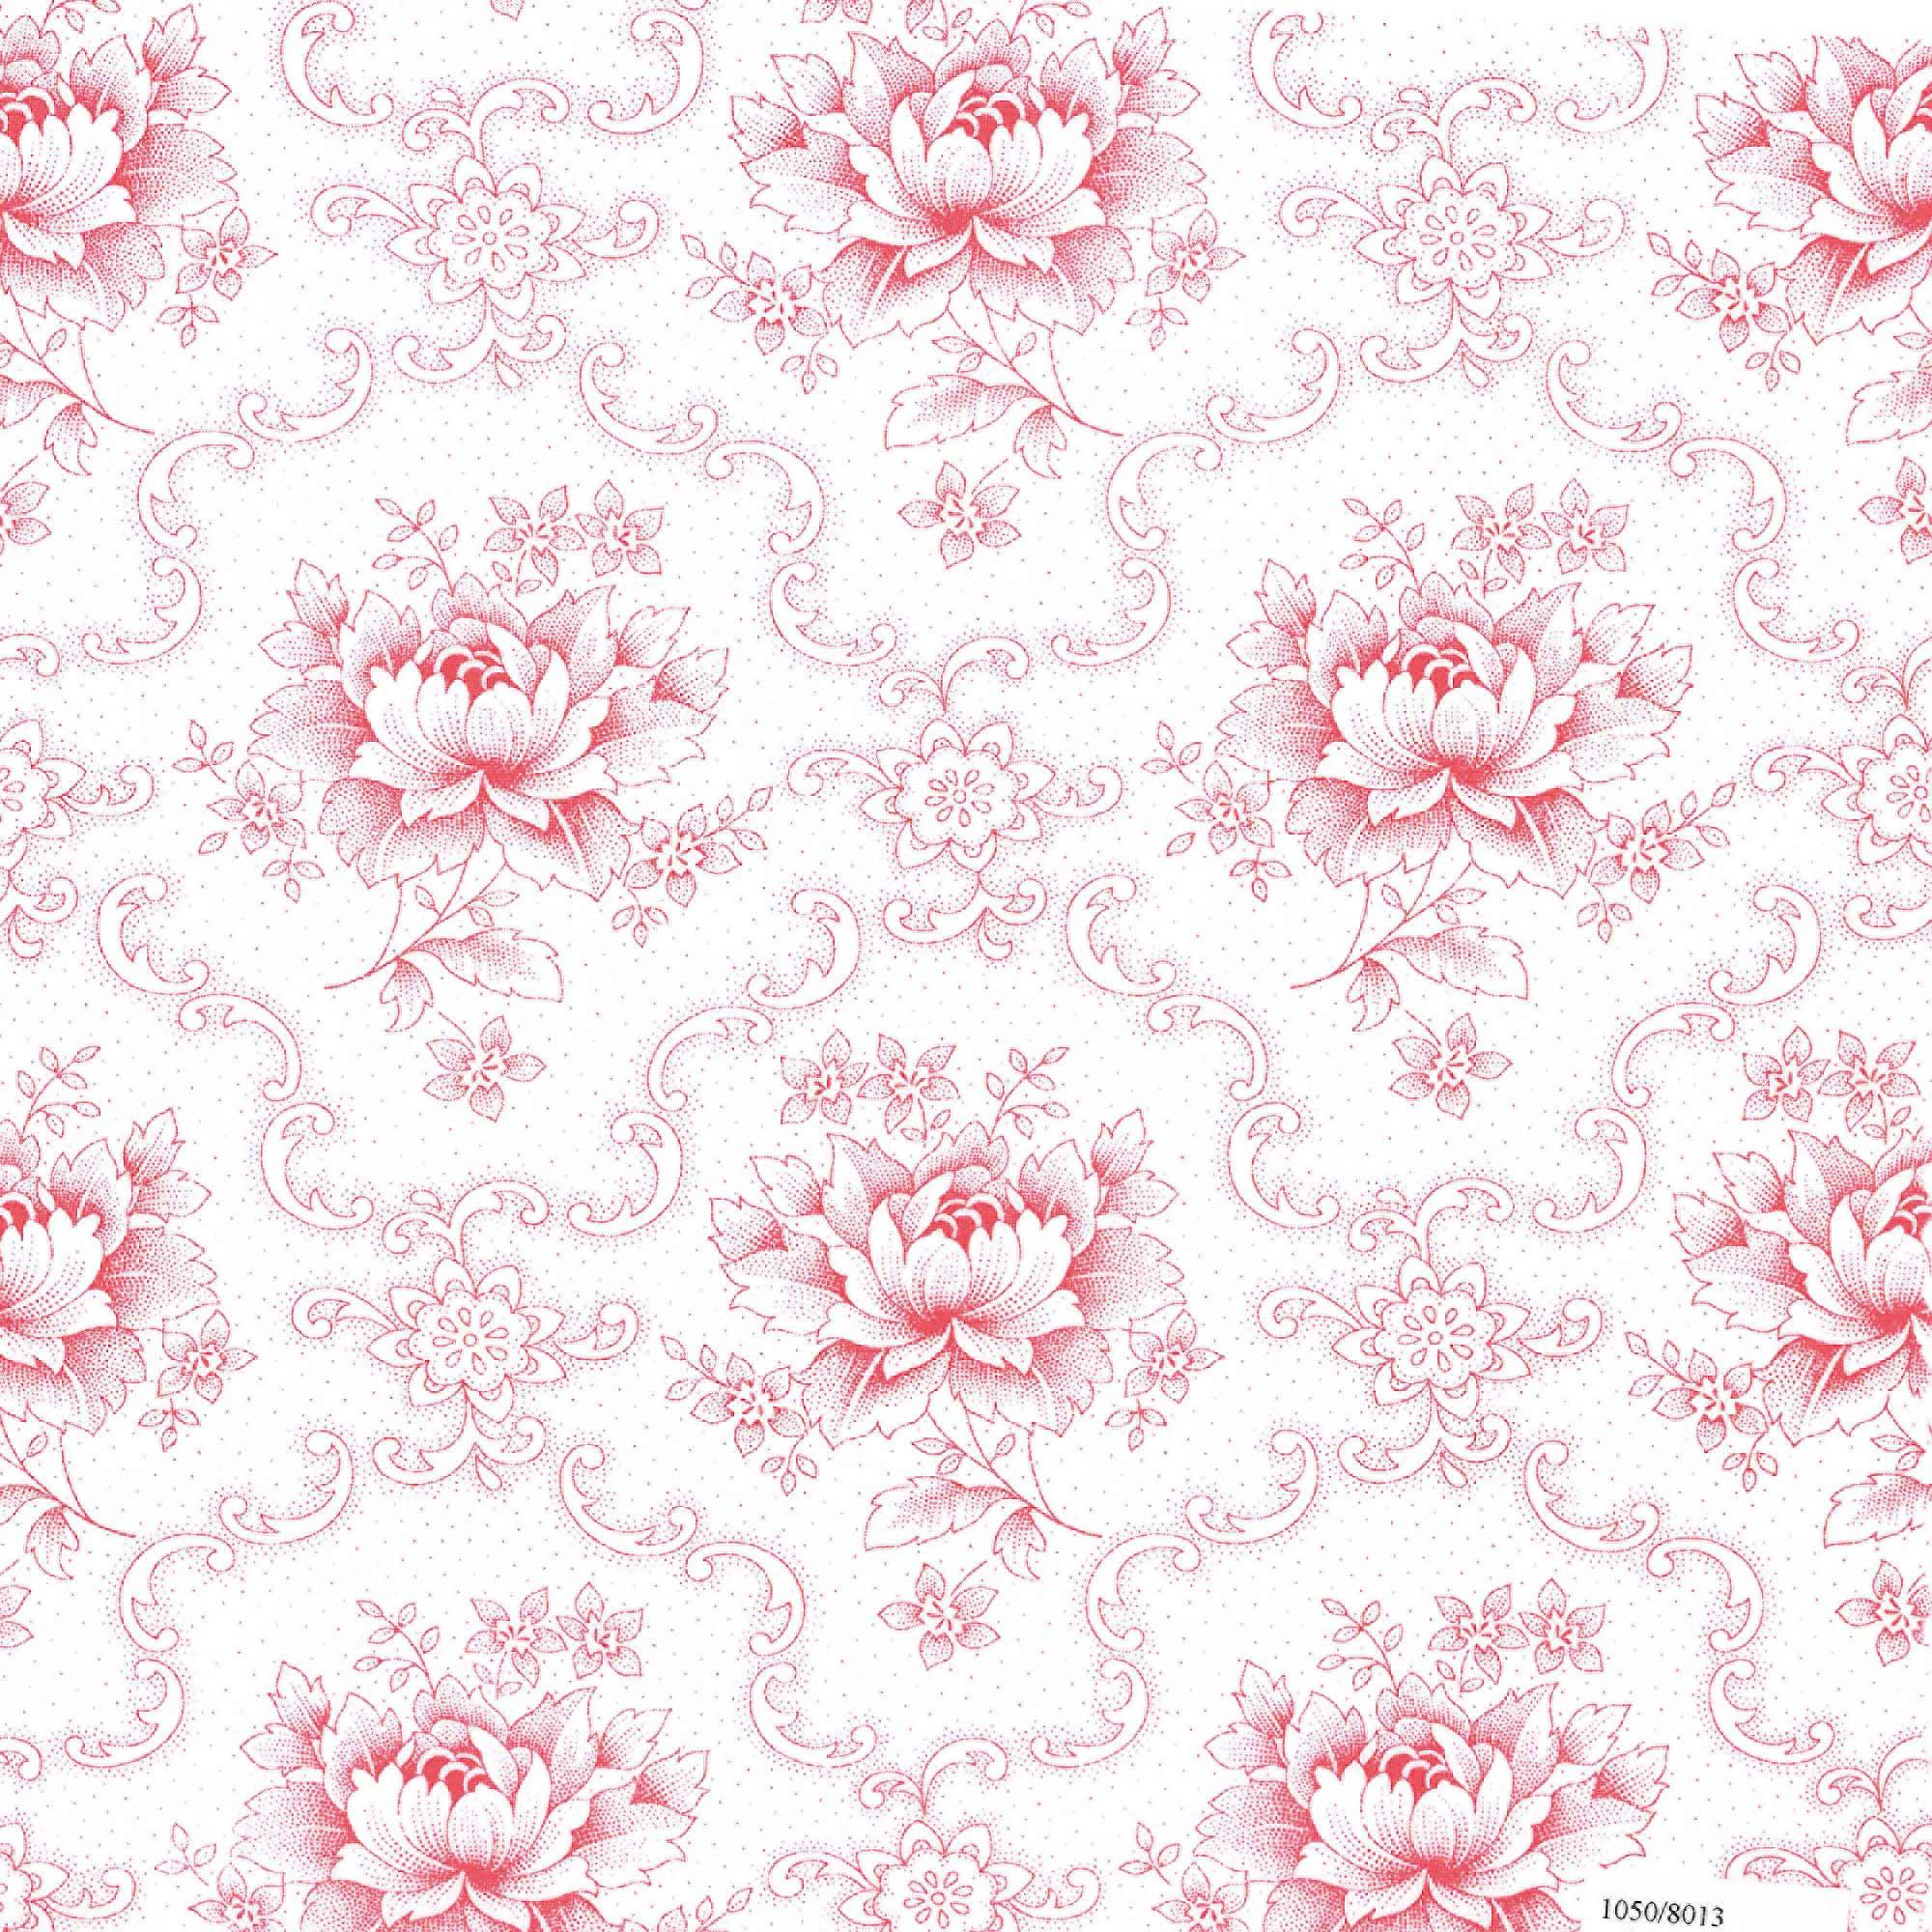 produkt_img/010508013.jpg